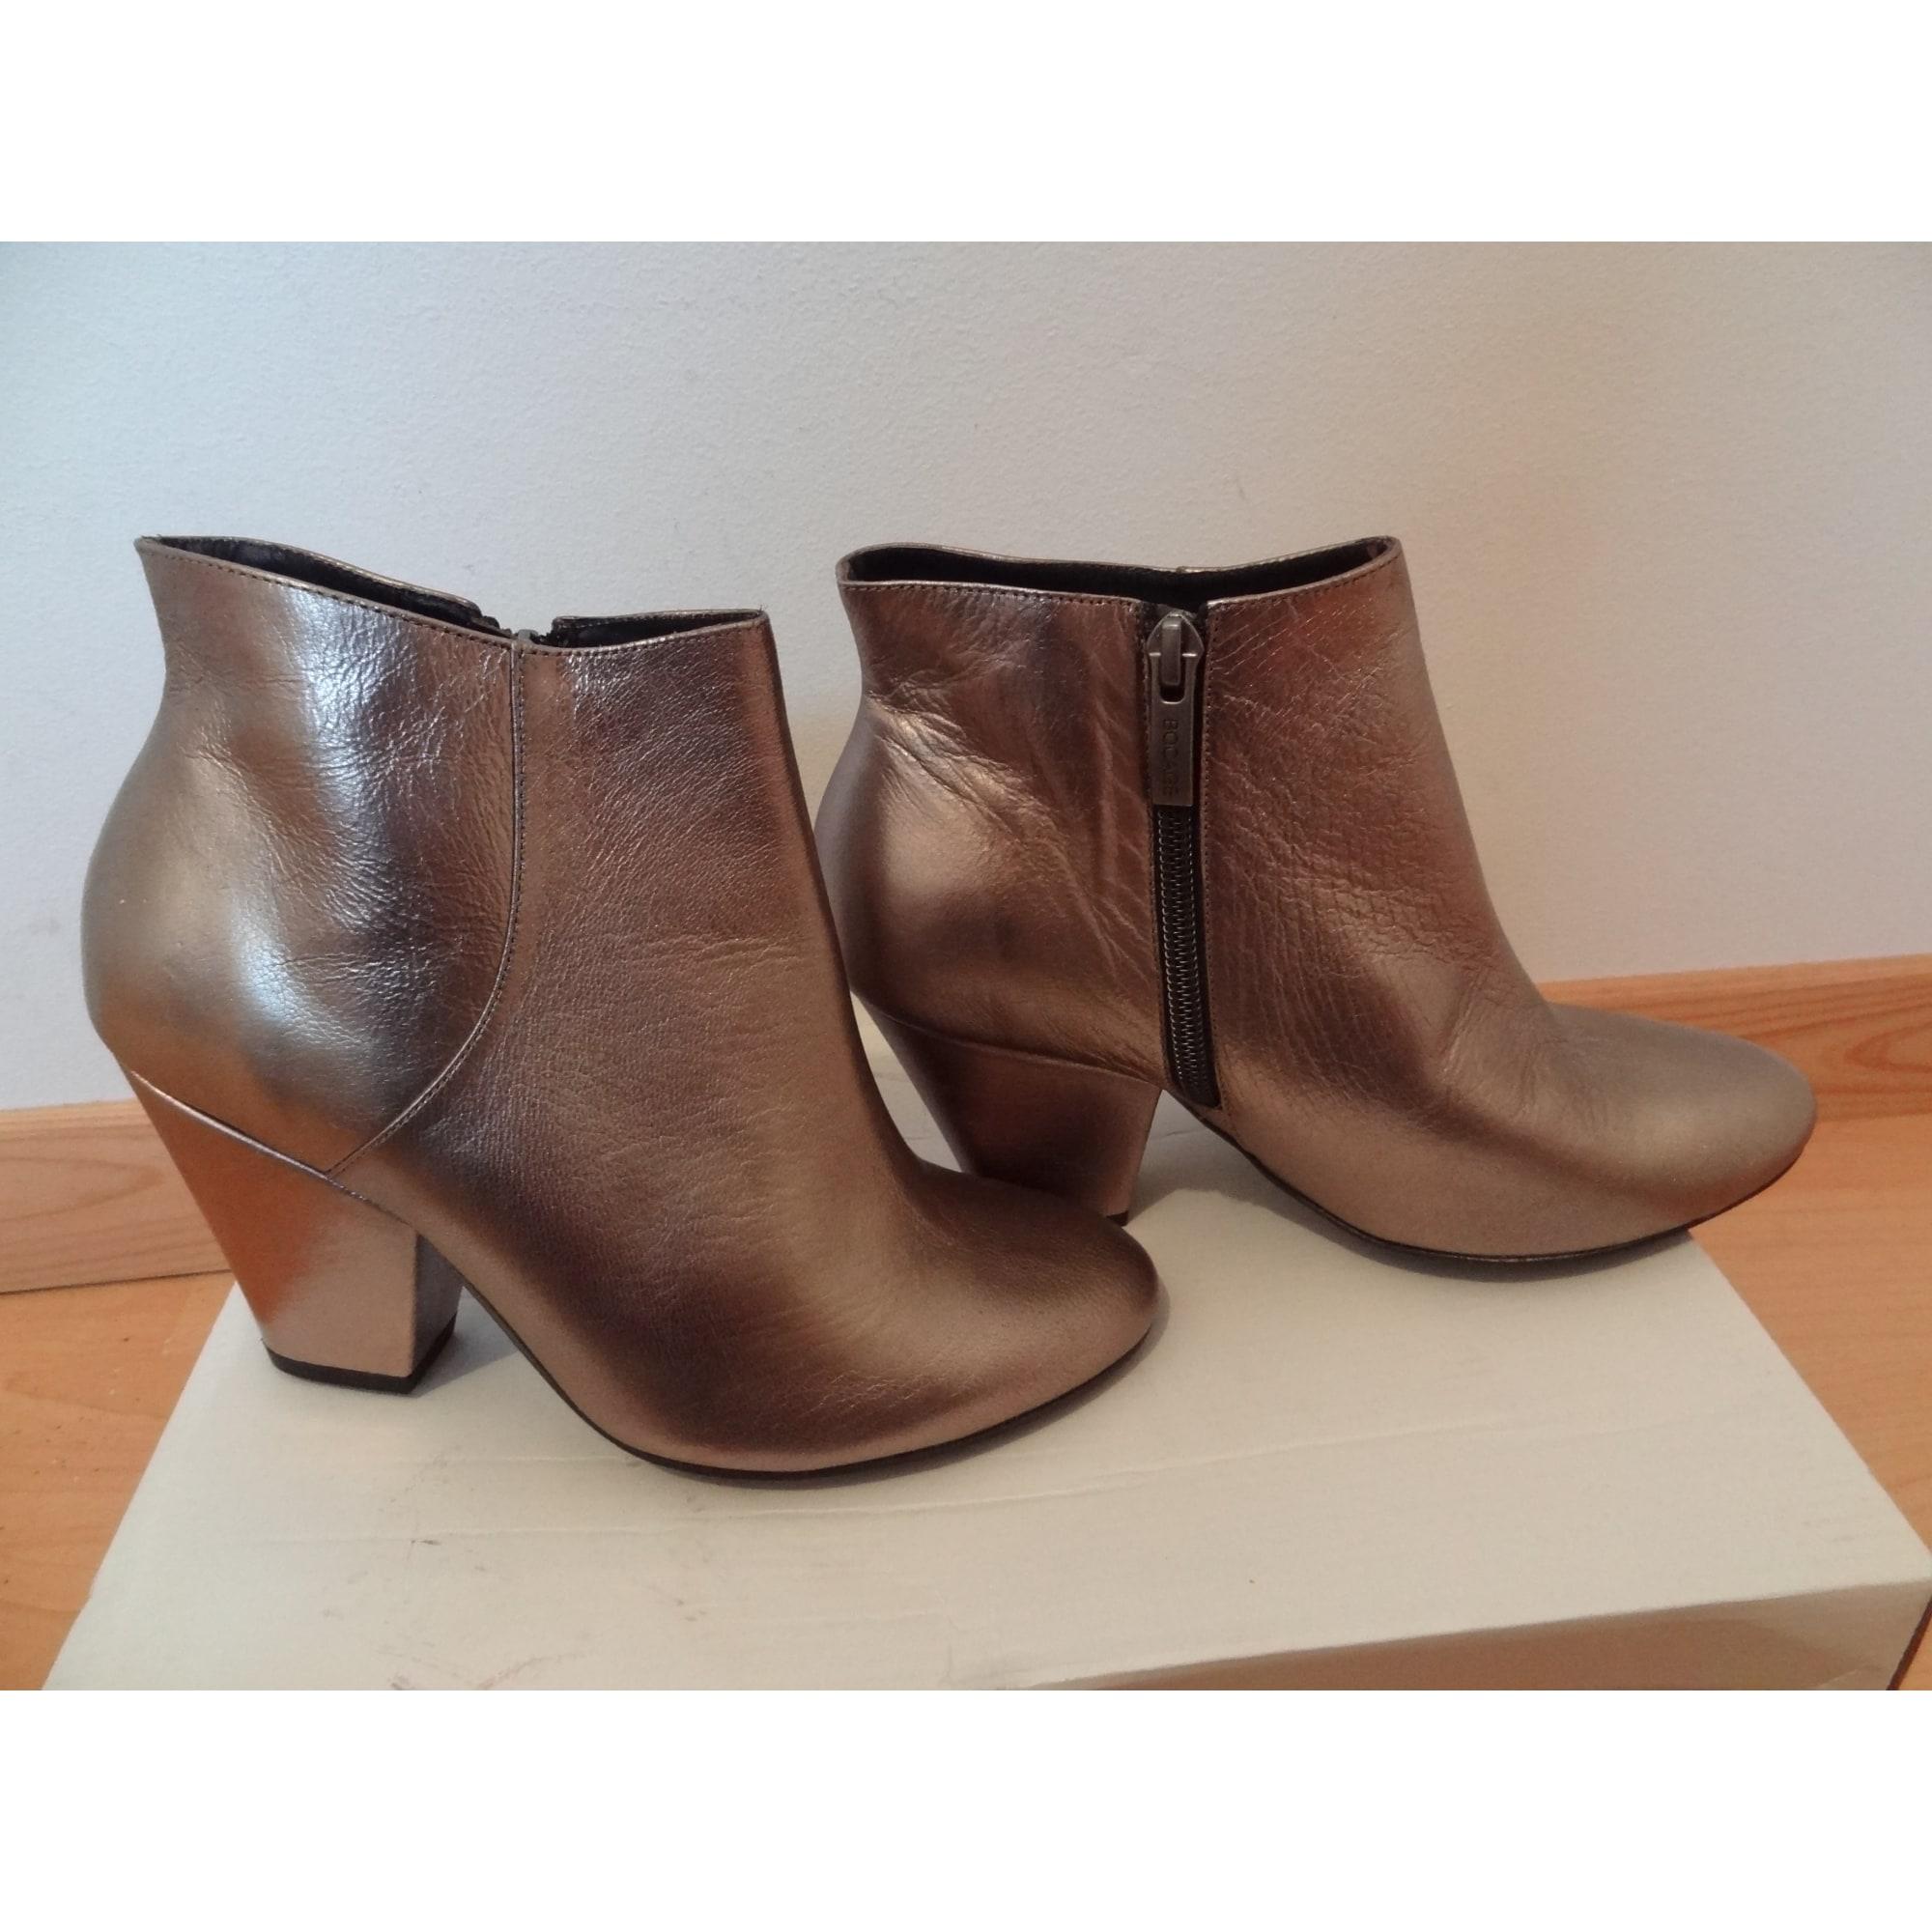 Bottines & low boots à talons BOCAGE cuir noir 36 TYceHd